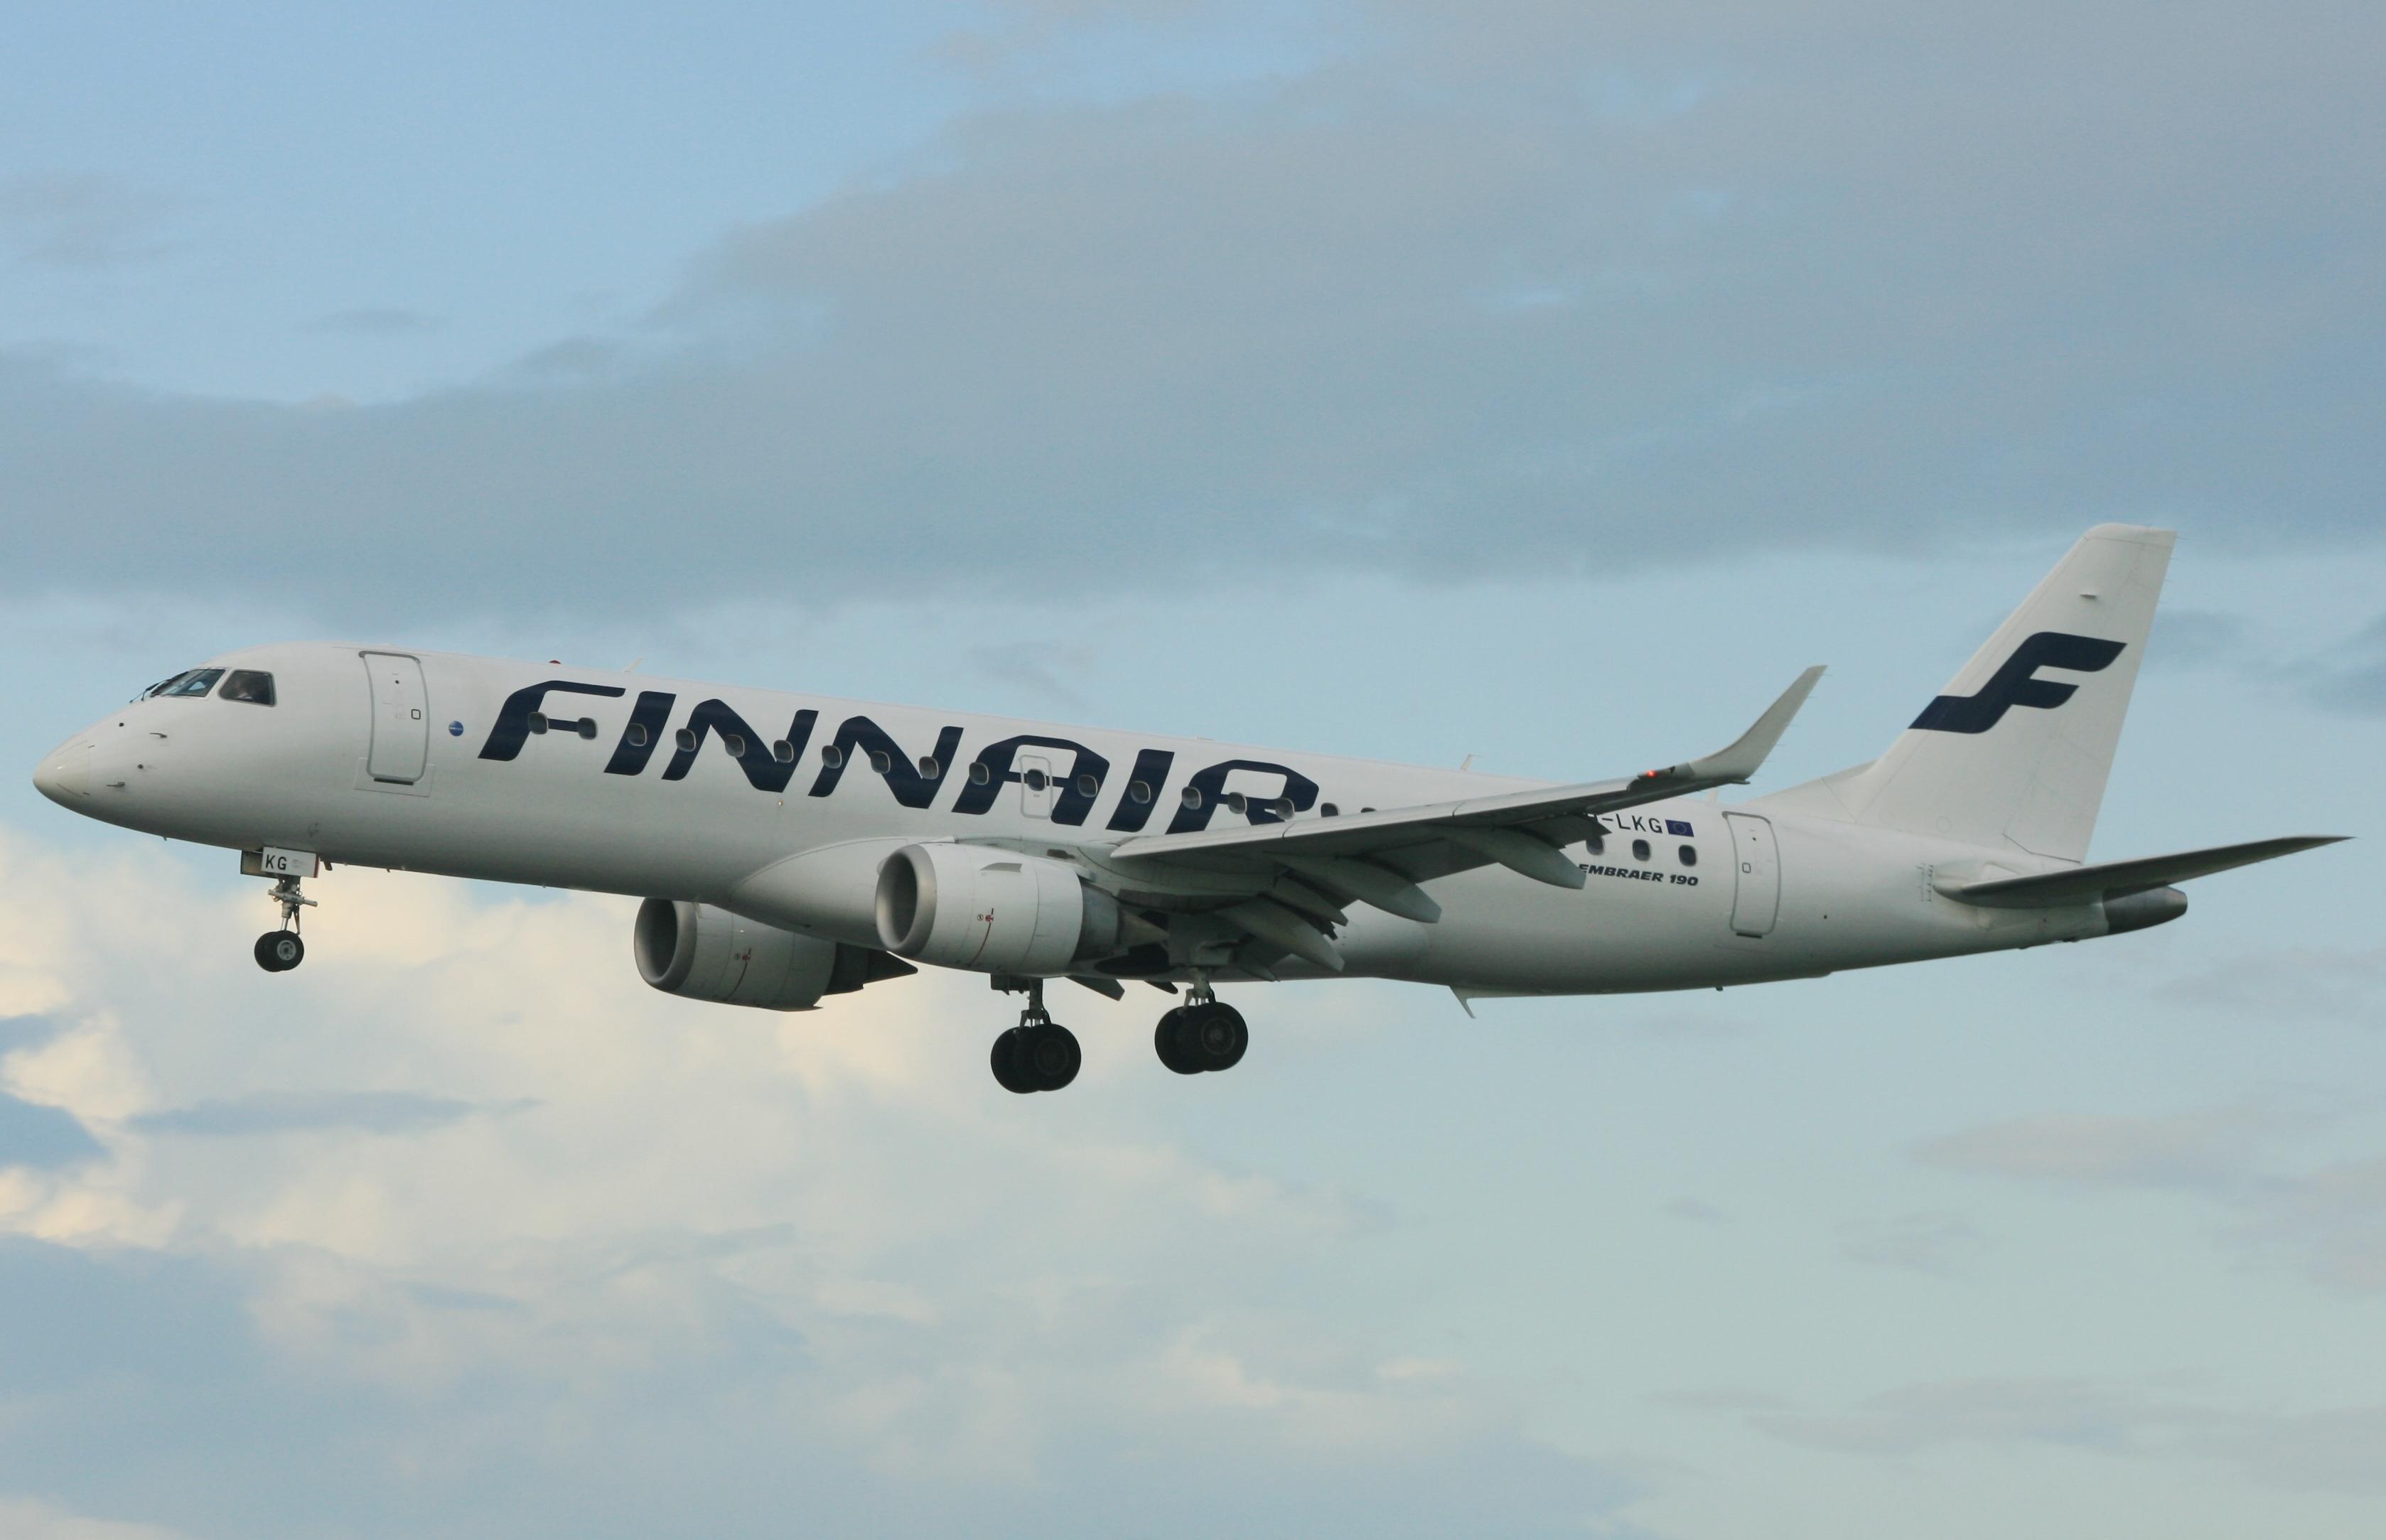 Finnair Embraer OH-LKG (IMG5211 JL)